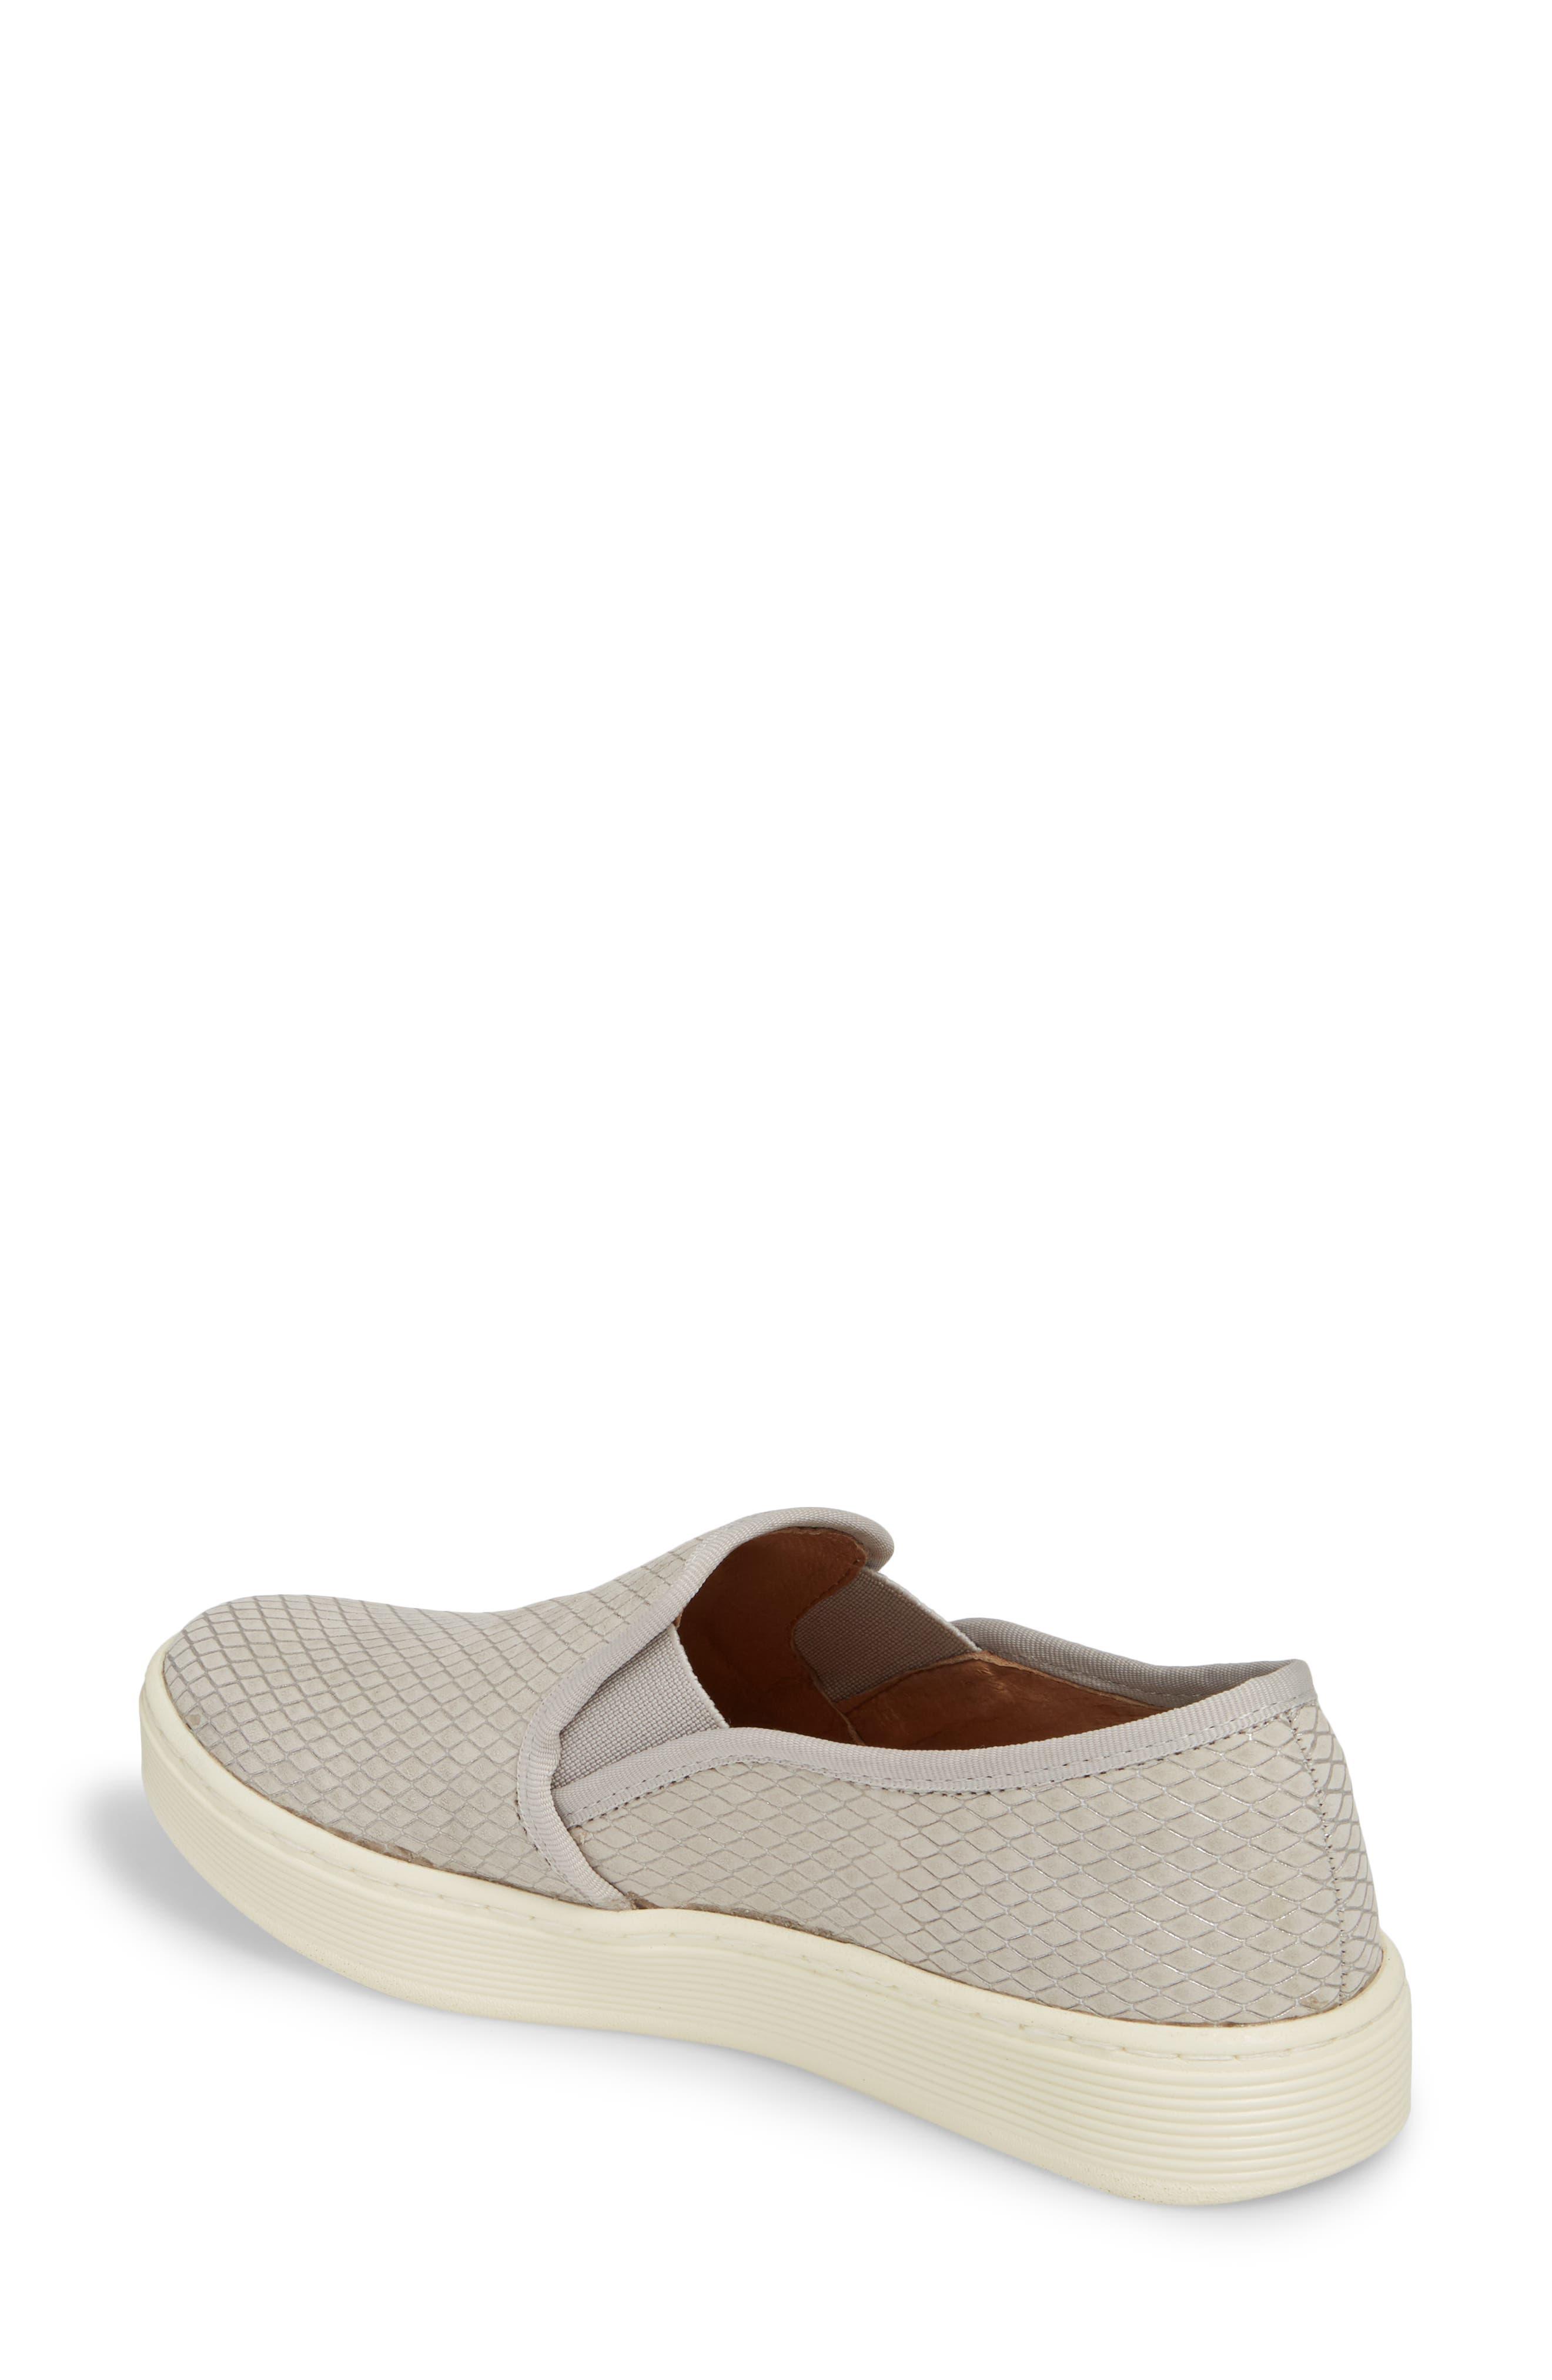 Alternate Image 2  - Söfft 'Somers' Slip-On Sneaker (Women)